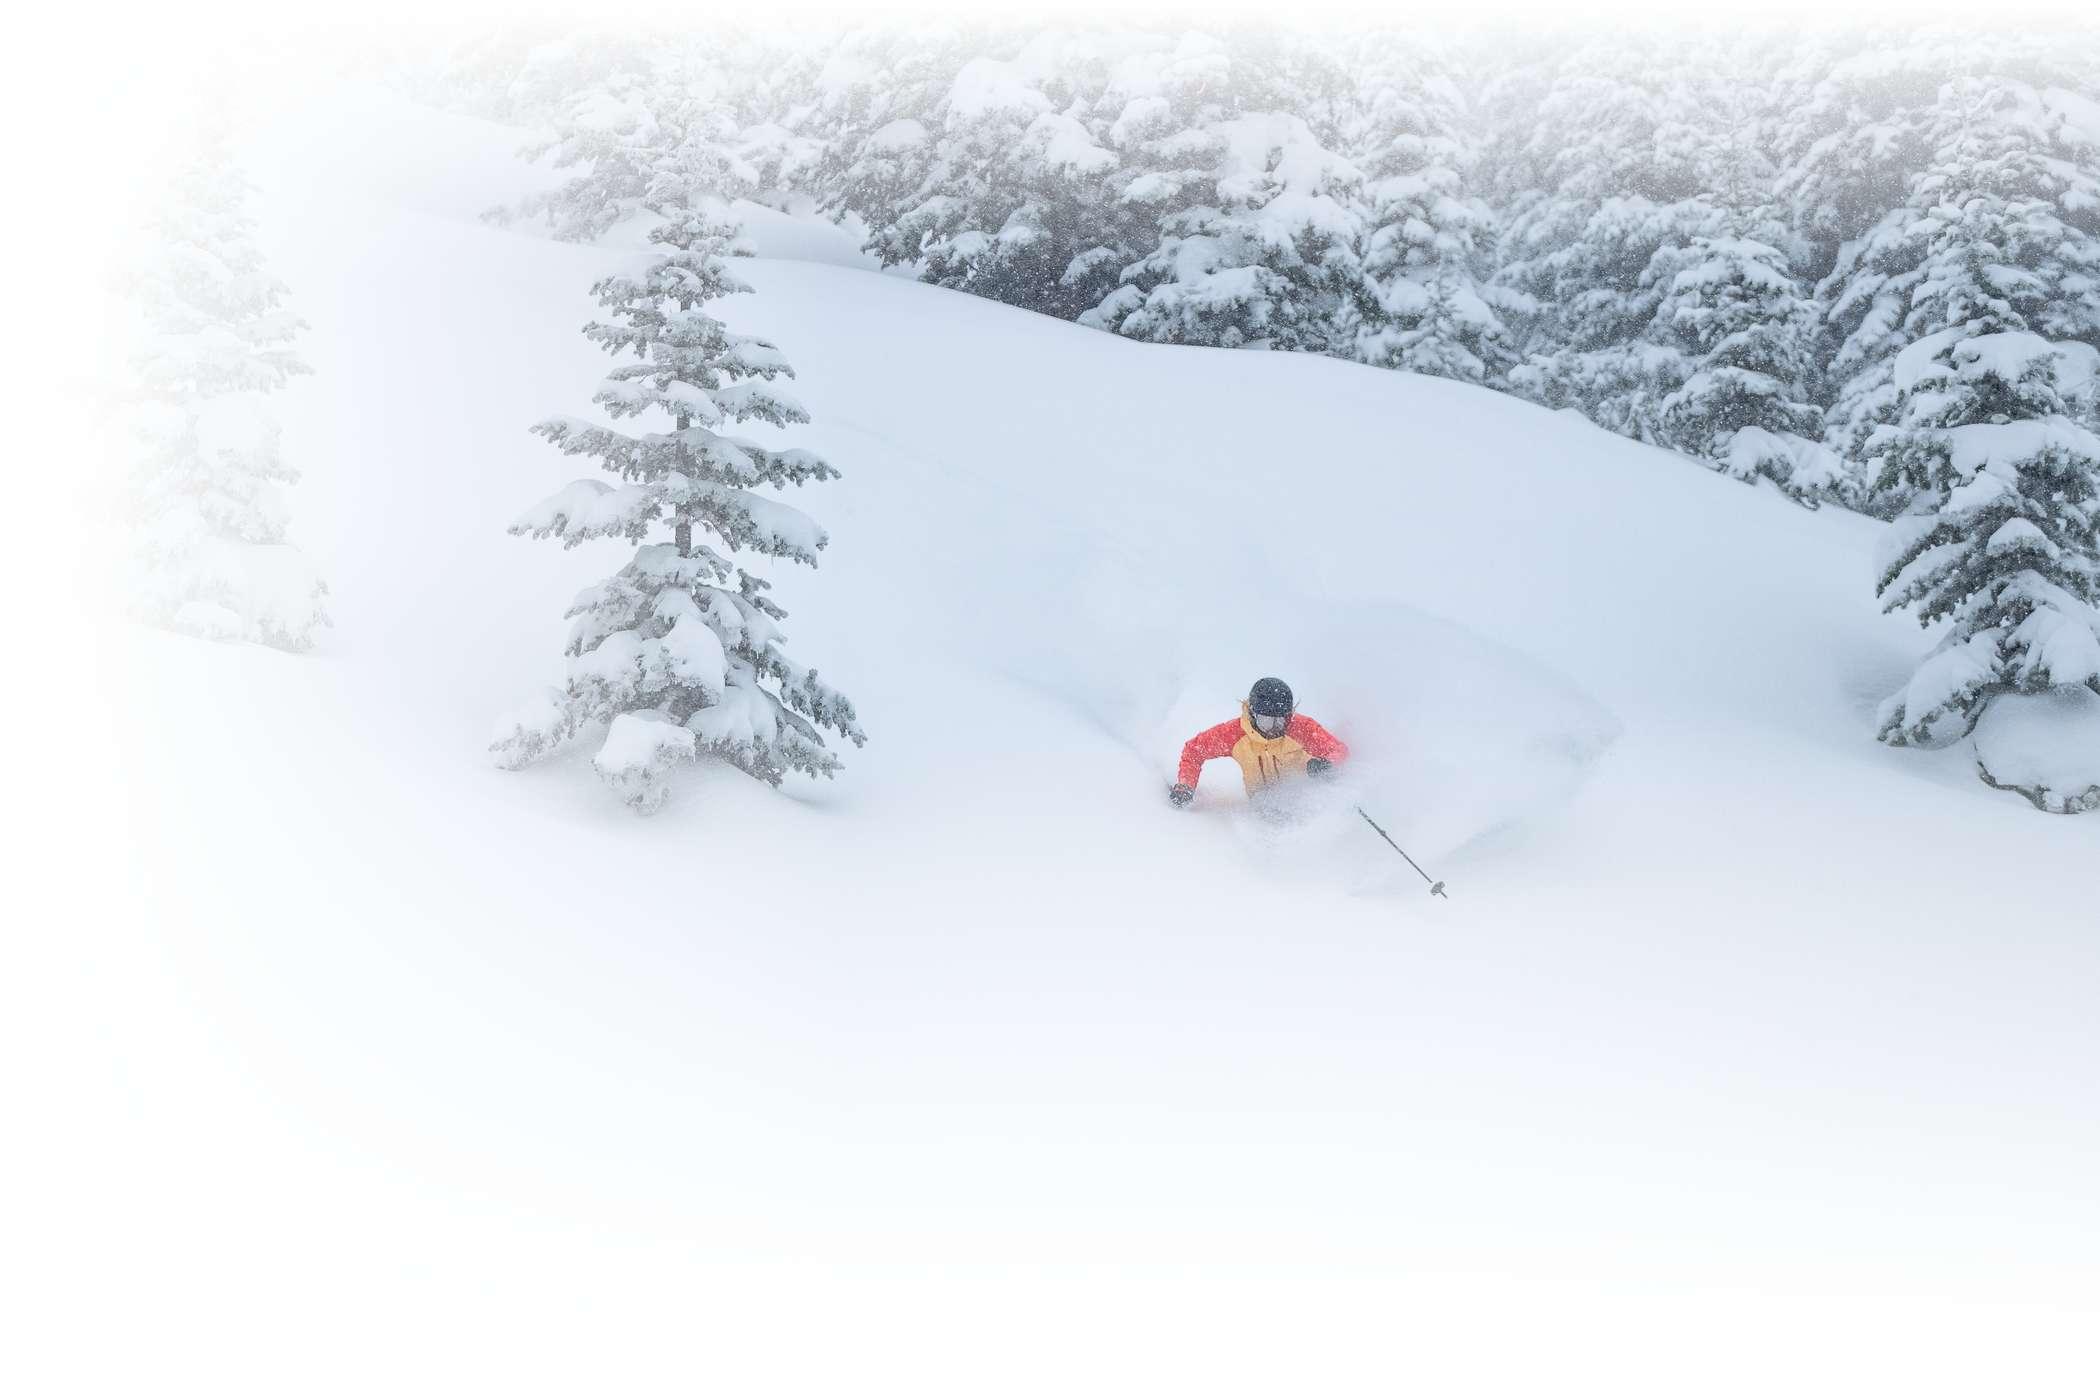 Powder skiing at Alta Ski Area